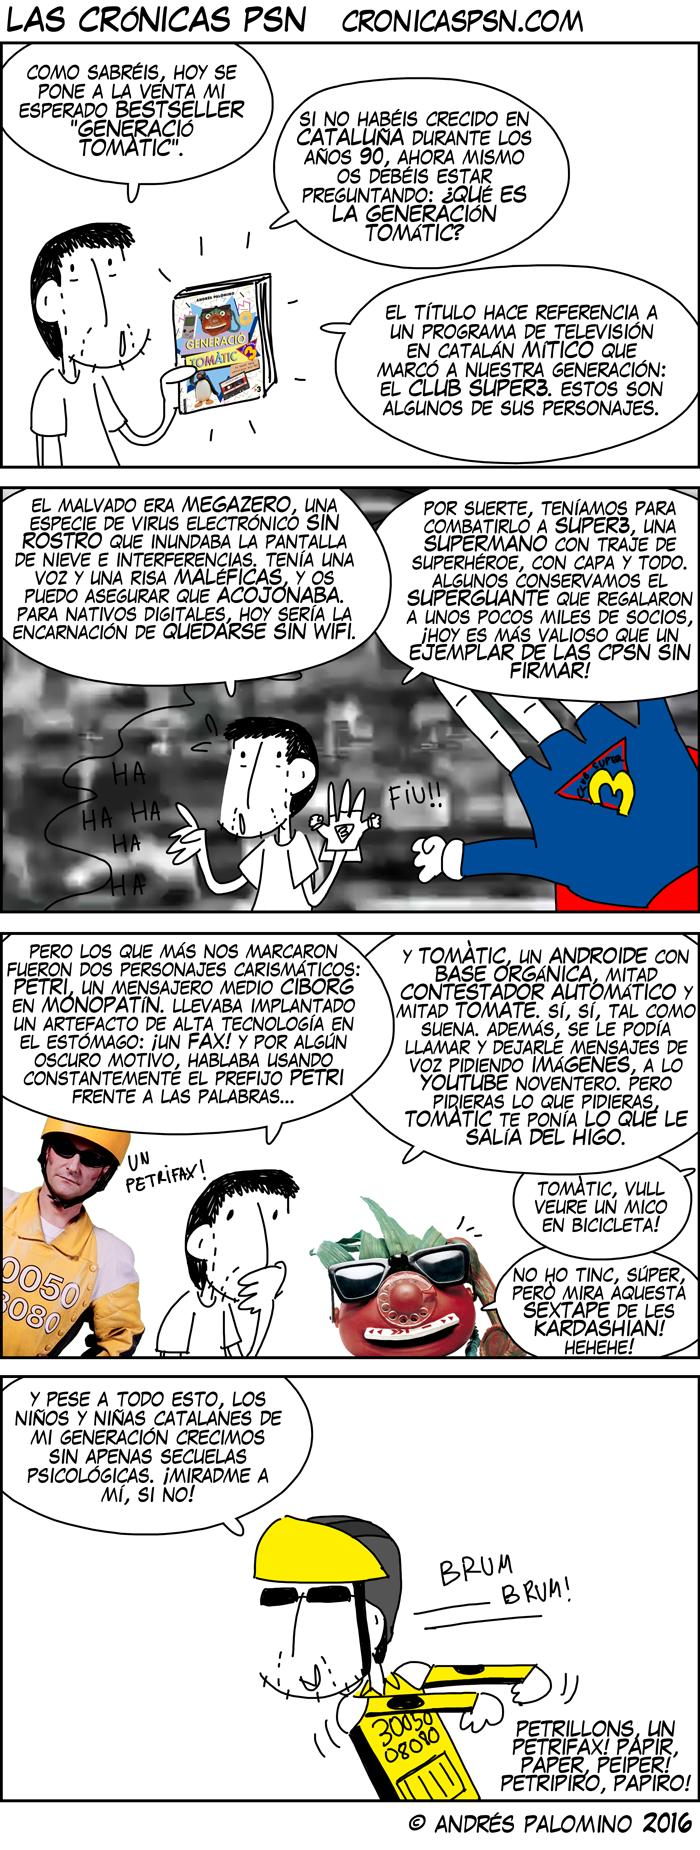 CPSN: GENERACIÓ TOMÀTIC